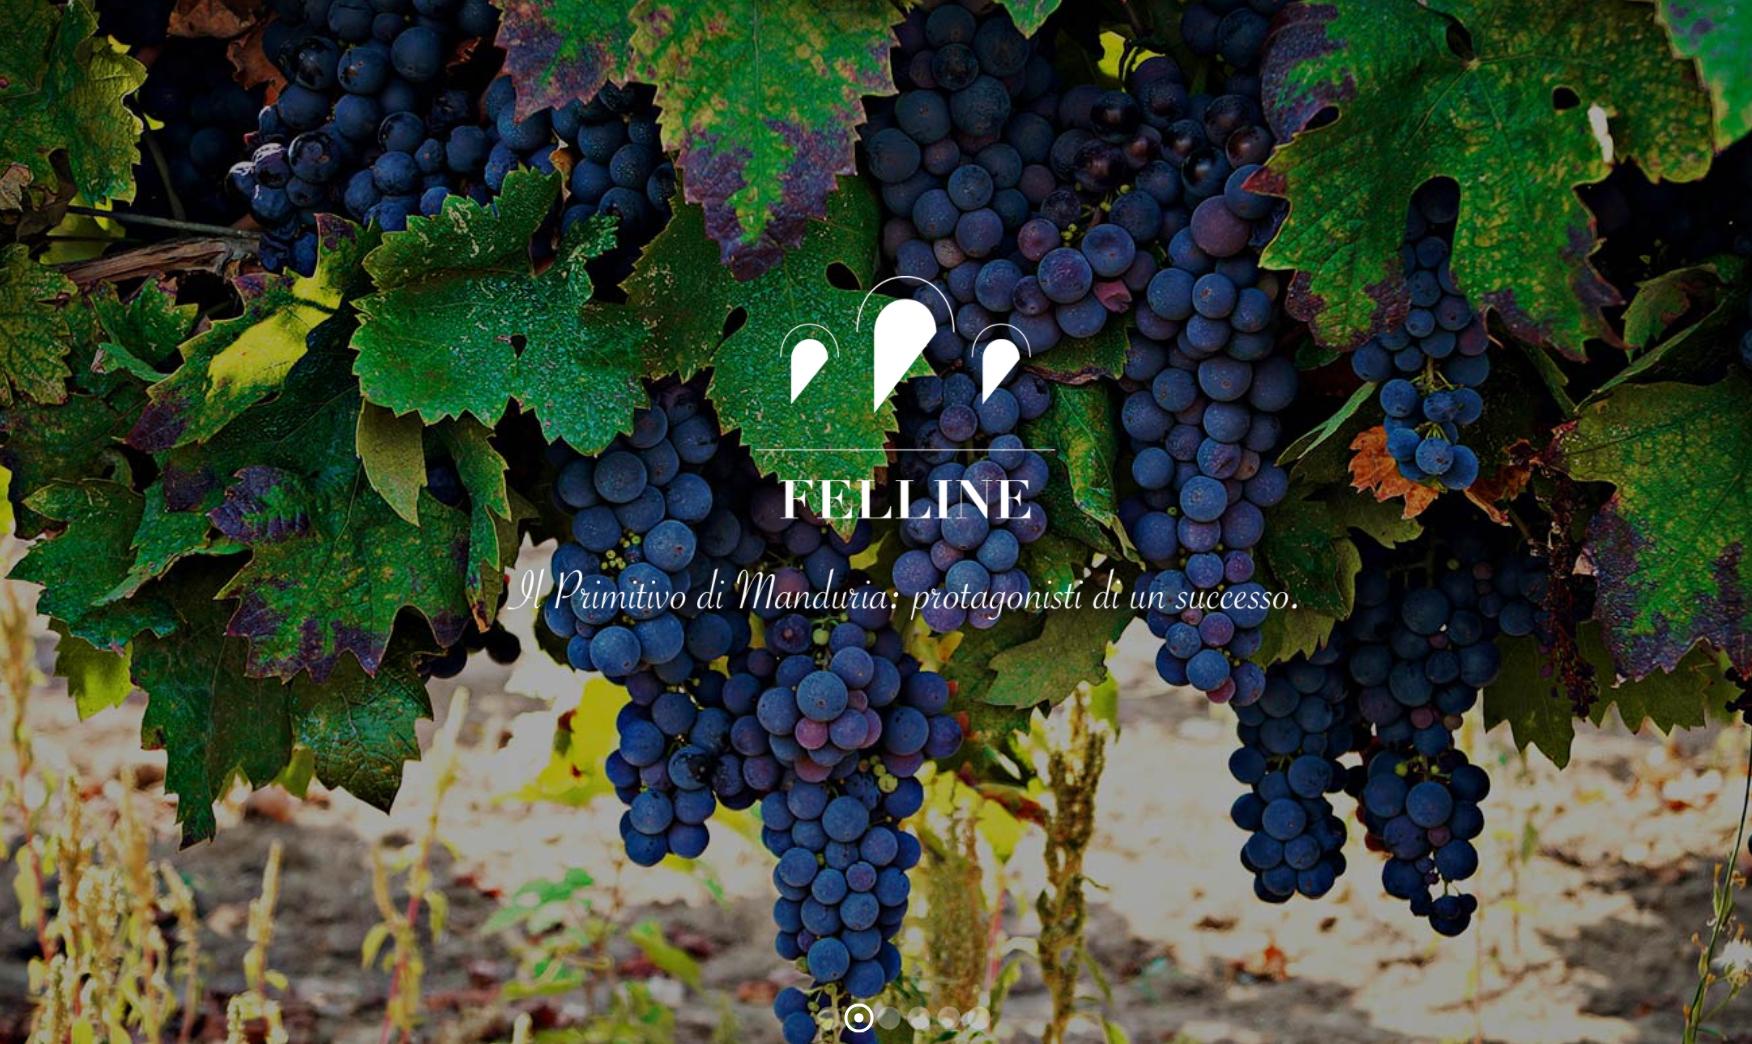 Primitivo is de druif uit Zuid-Italië felline